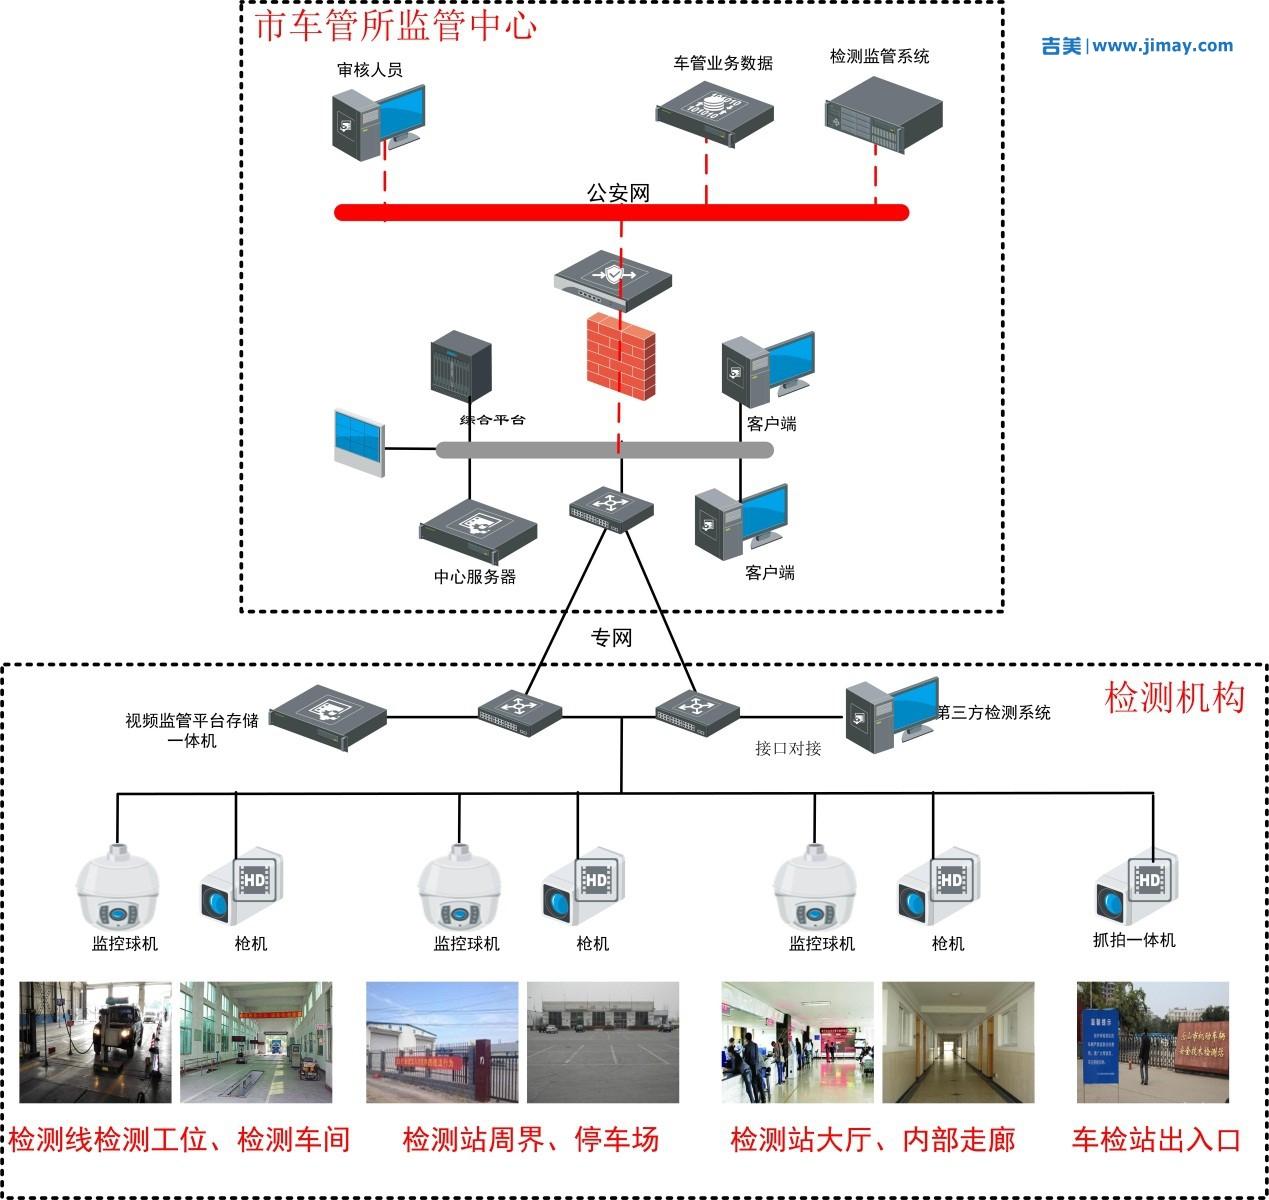 车检线安防视频监控系统解决方案